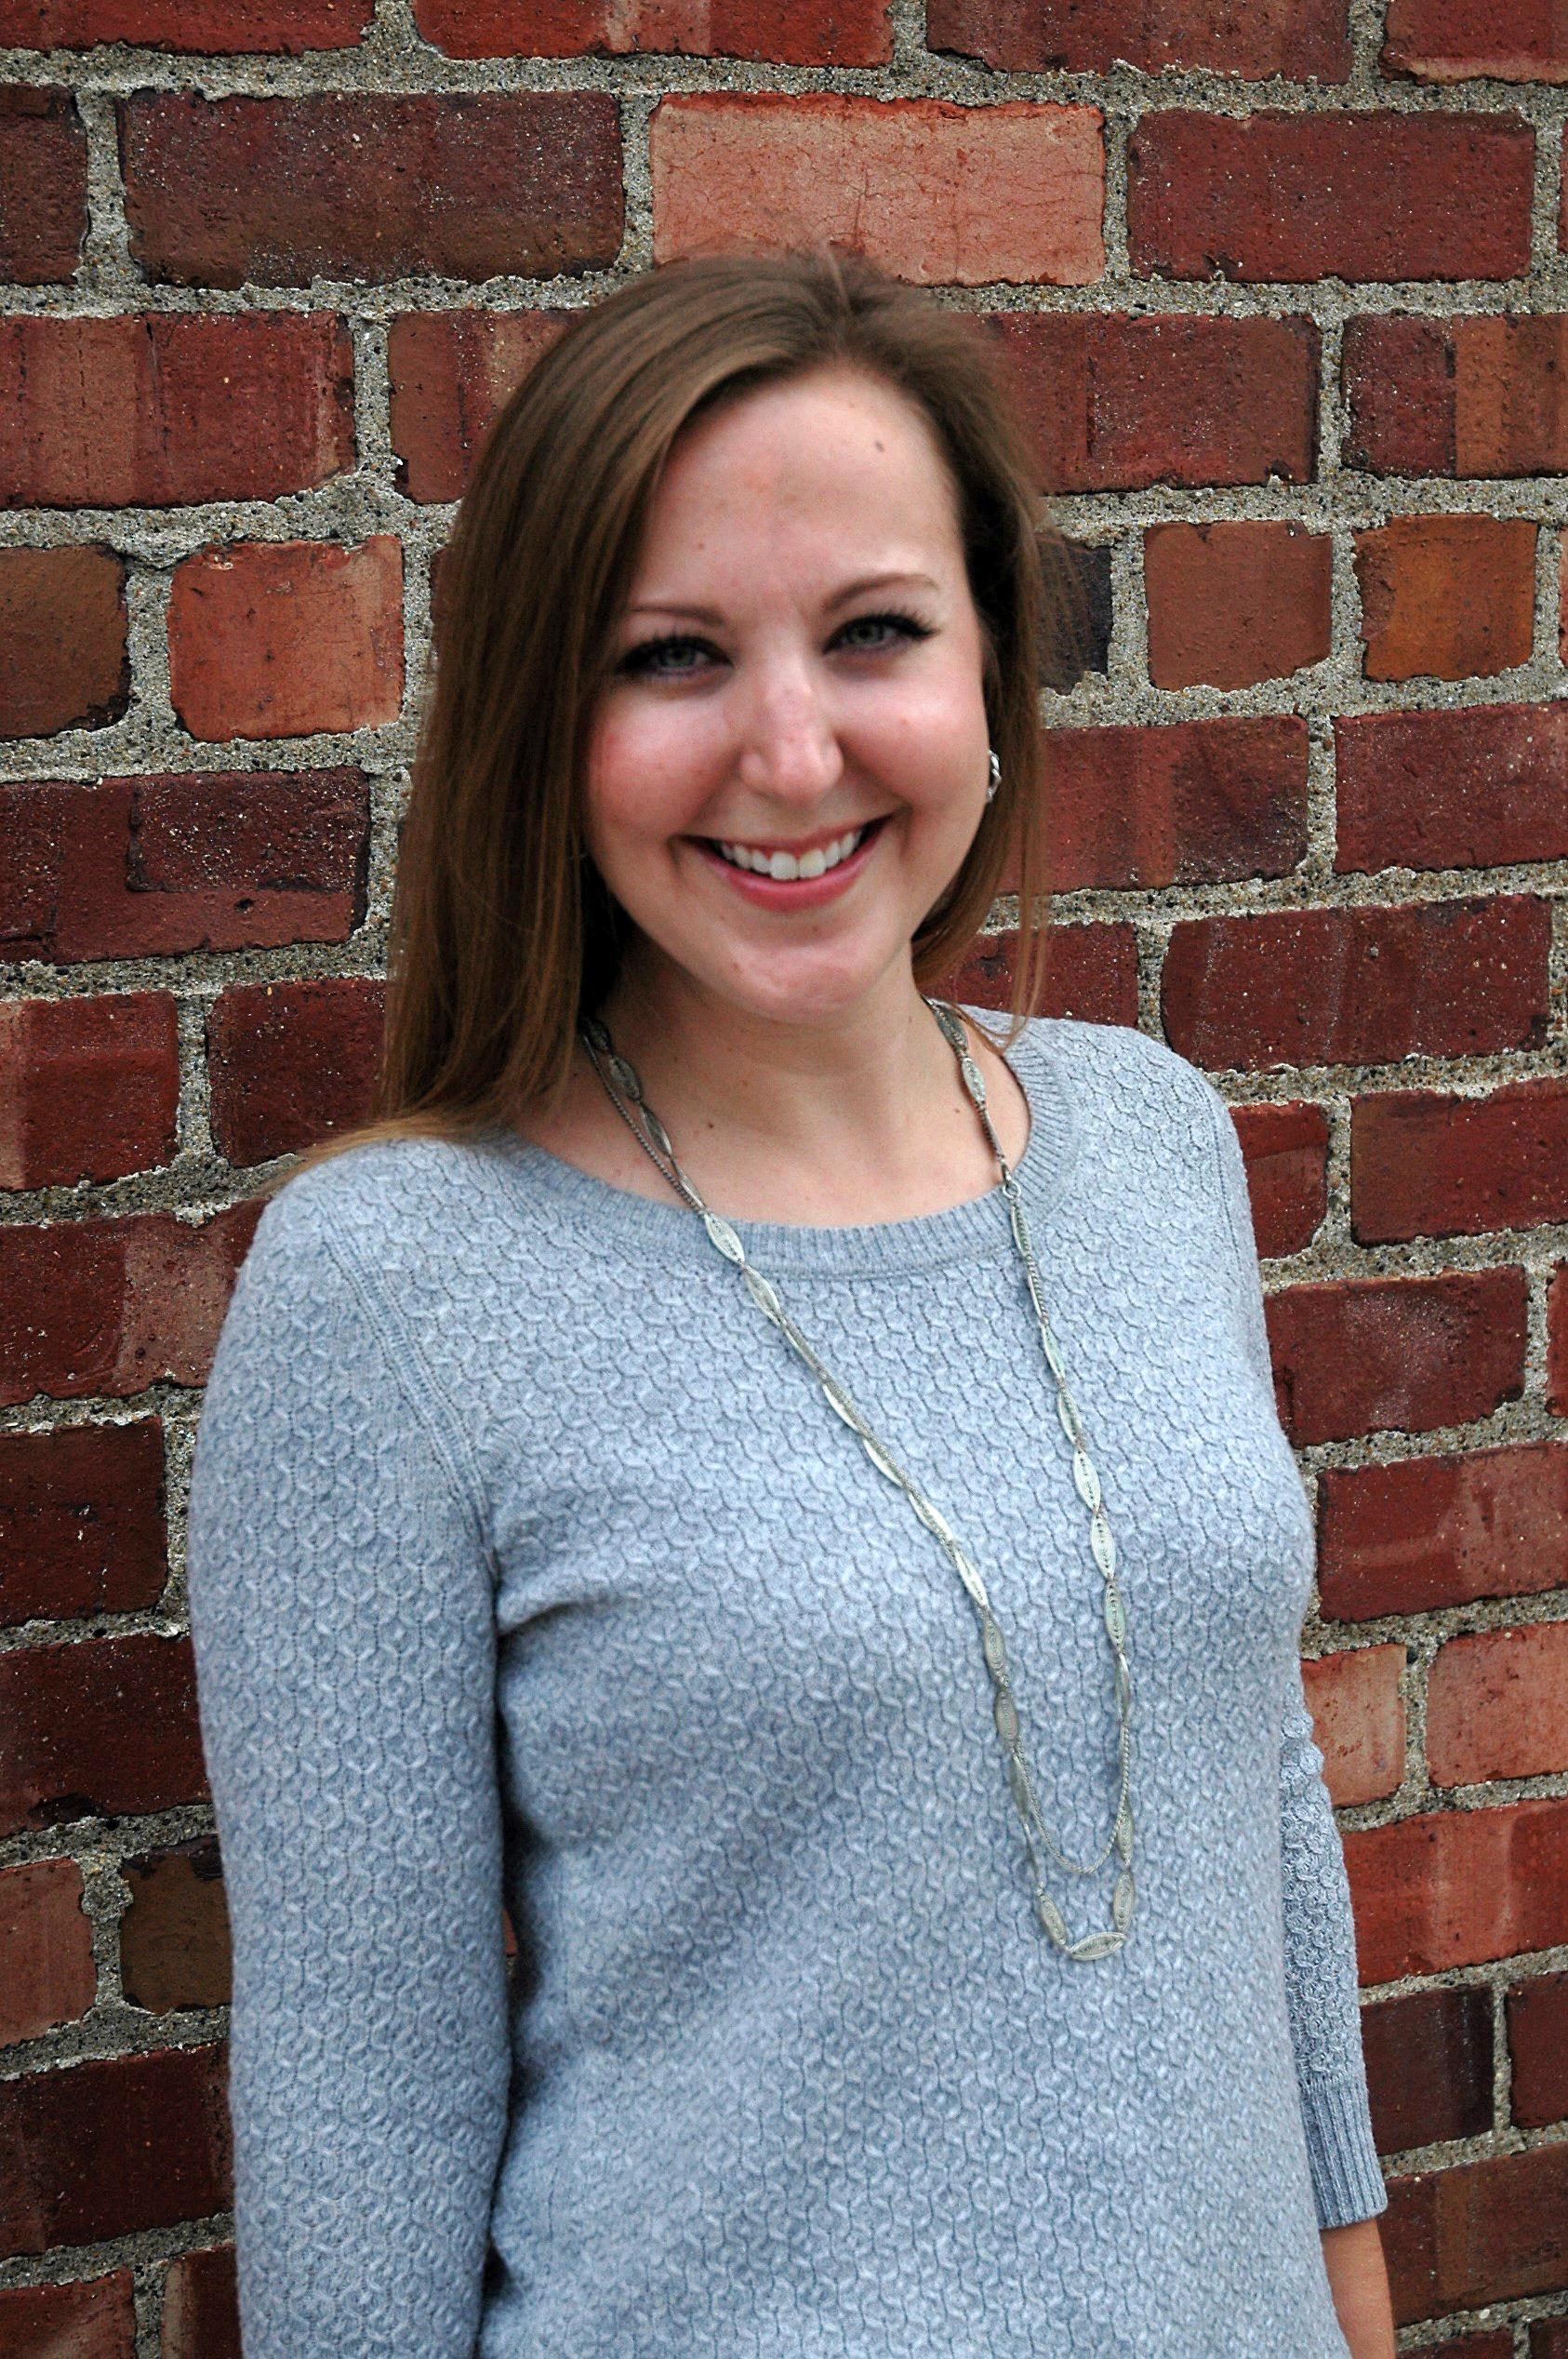 Bethany Wilcoxon